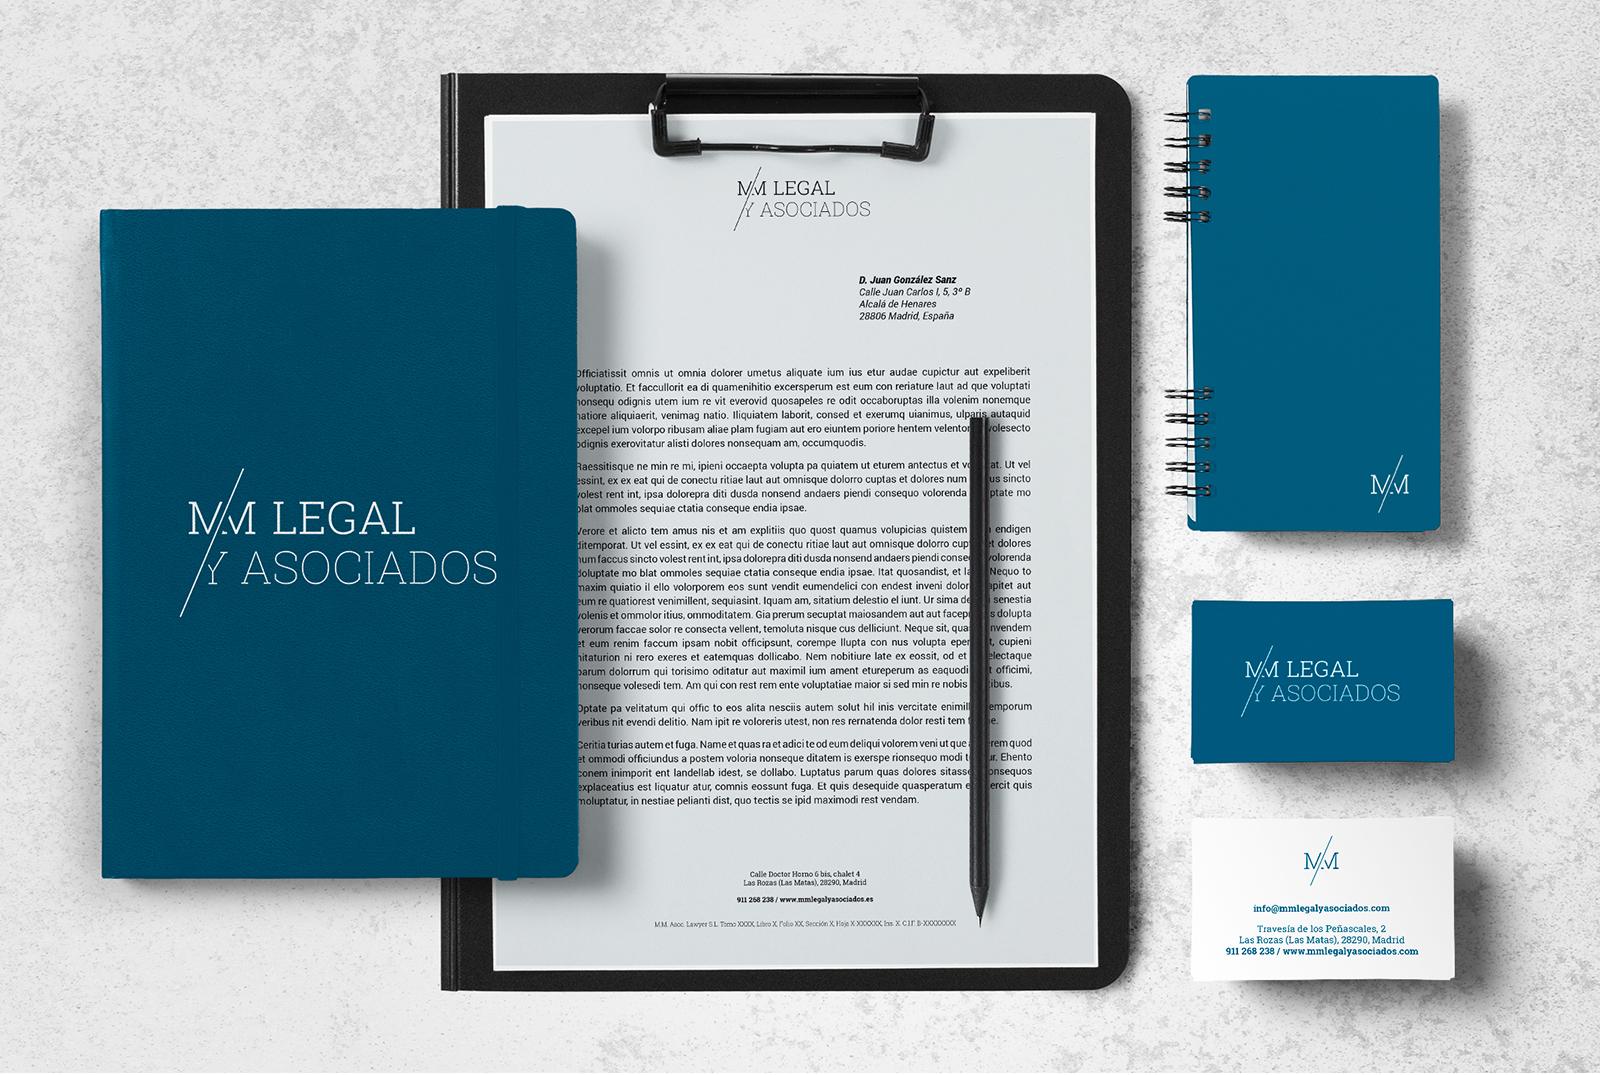 11-M-M-Legal